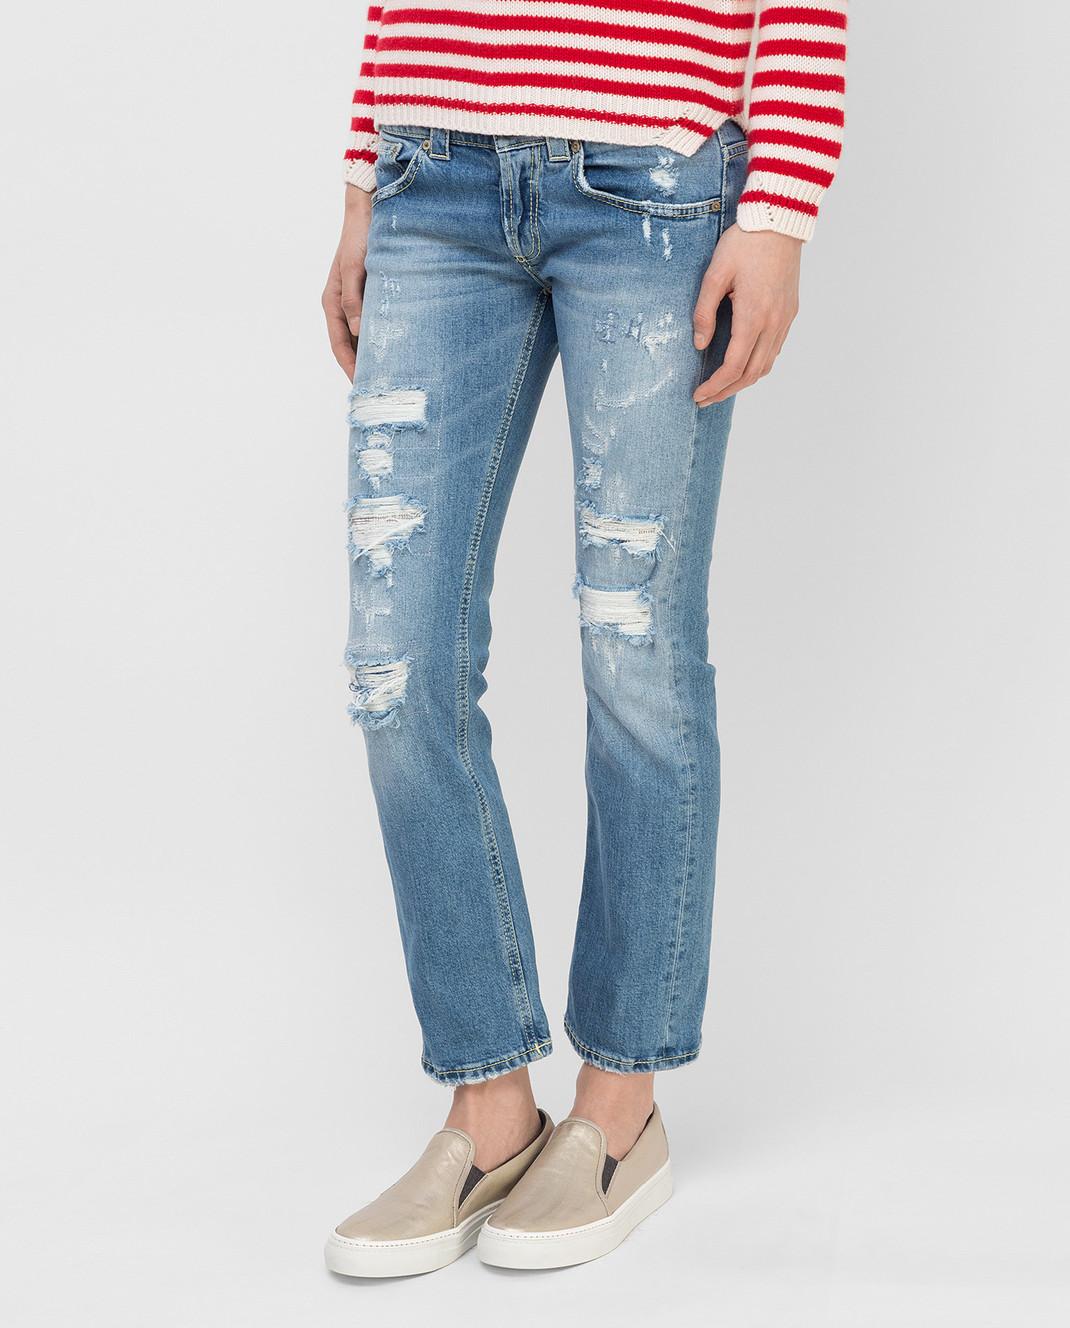 Dondup Синие джинсы P857 изображение 3